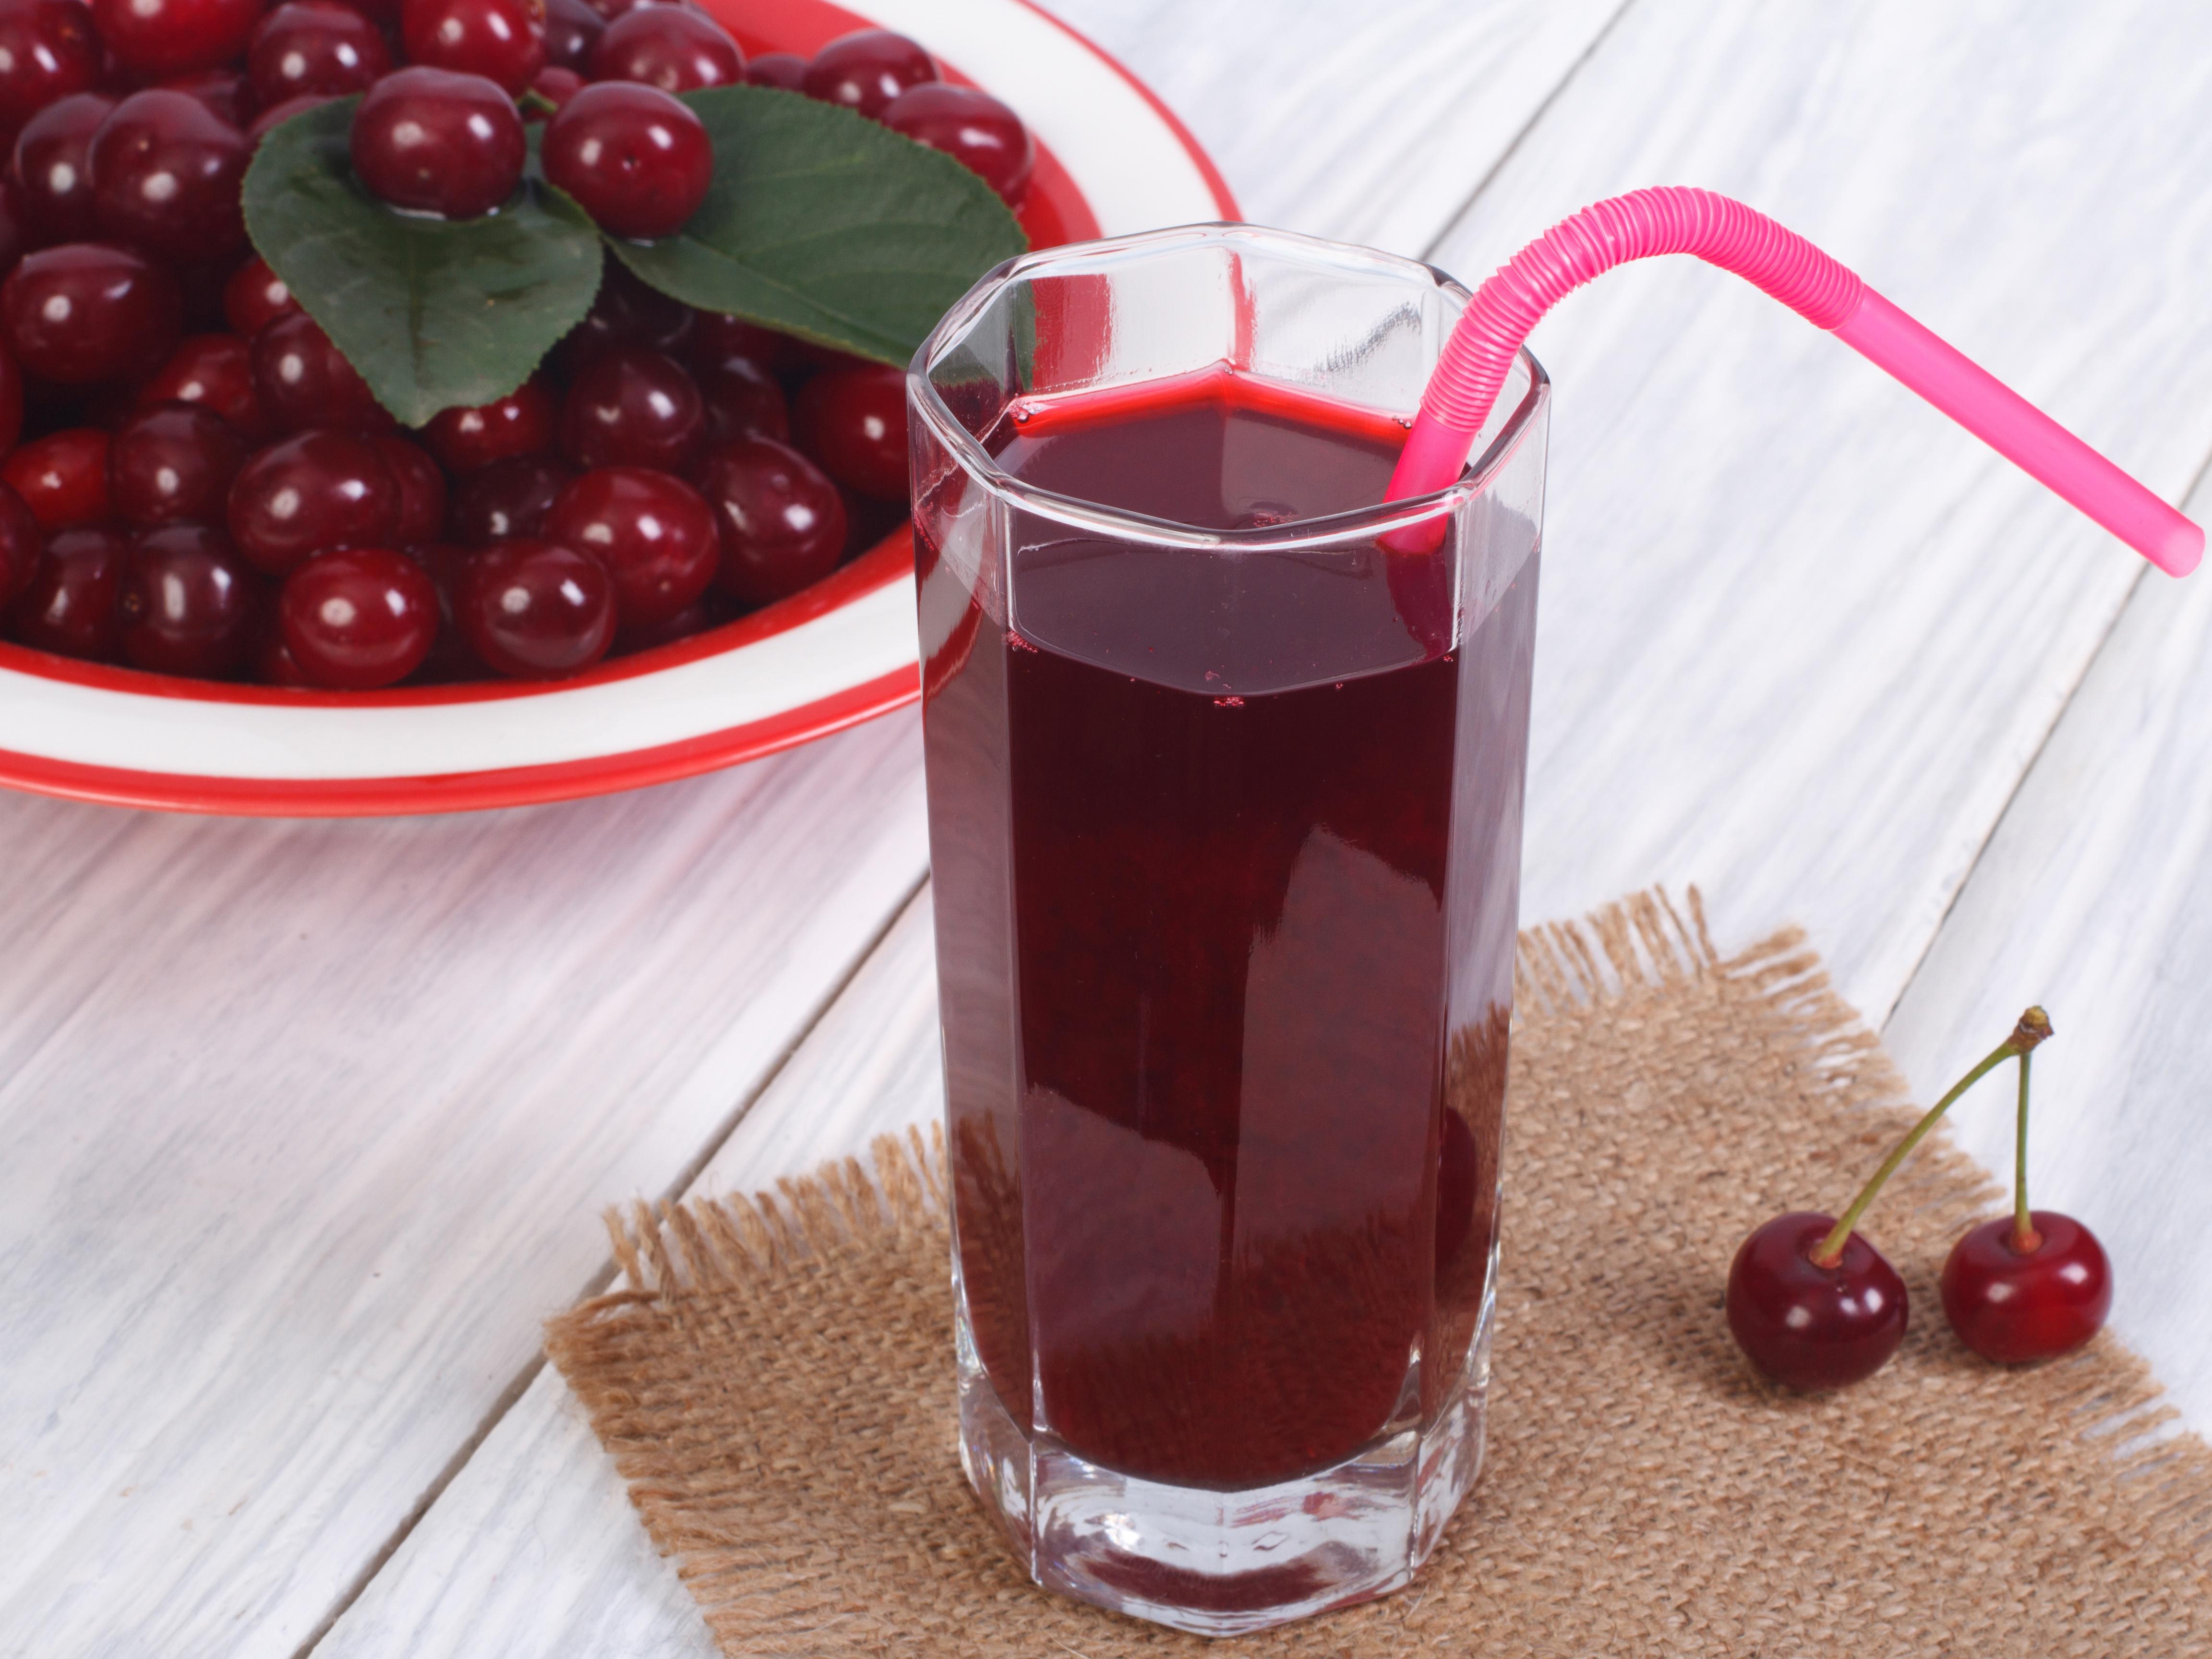 Tart cherries beat meds for muscle pain